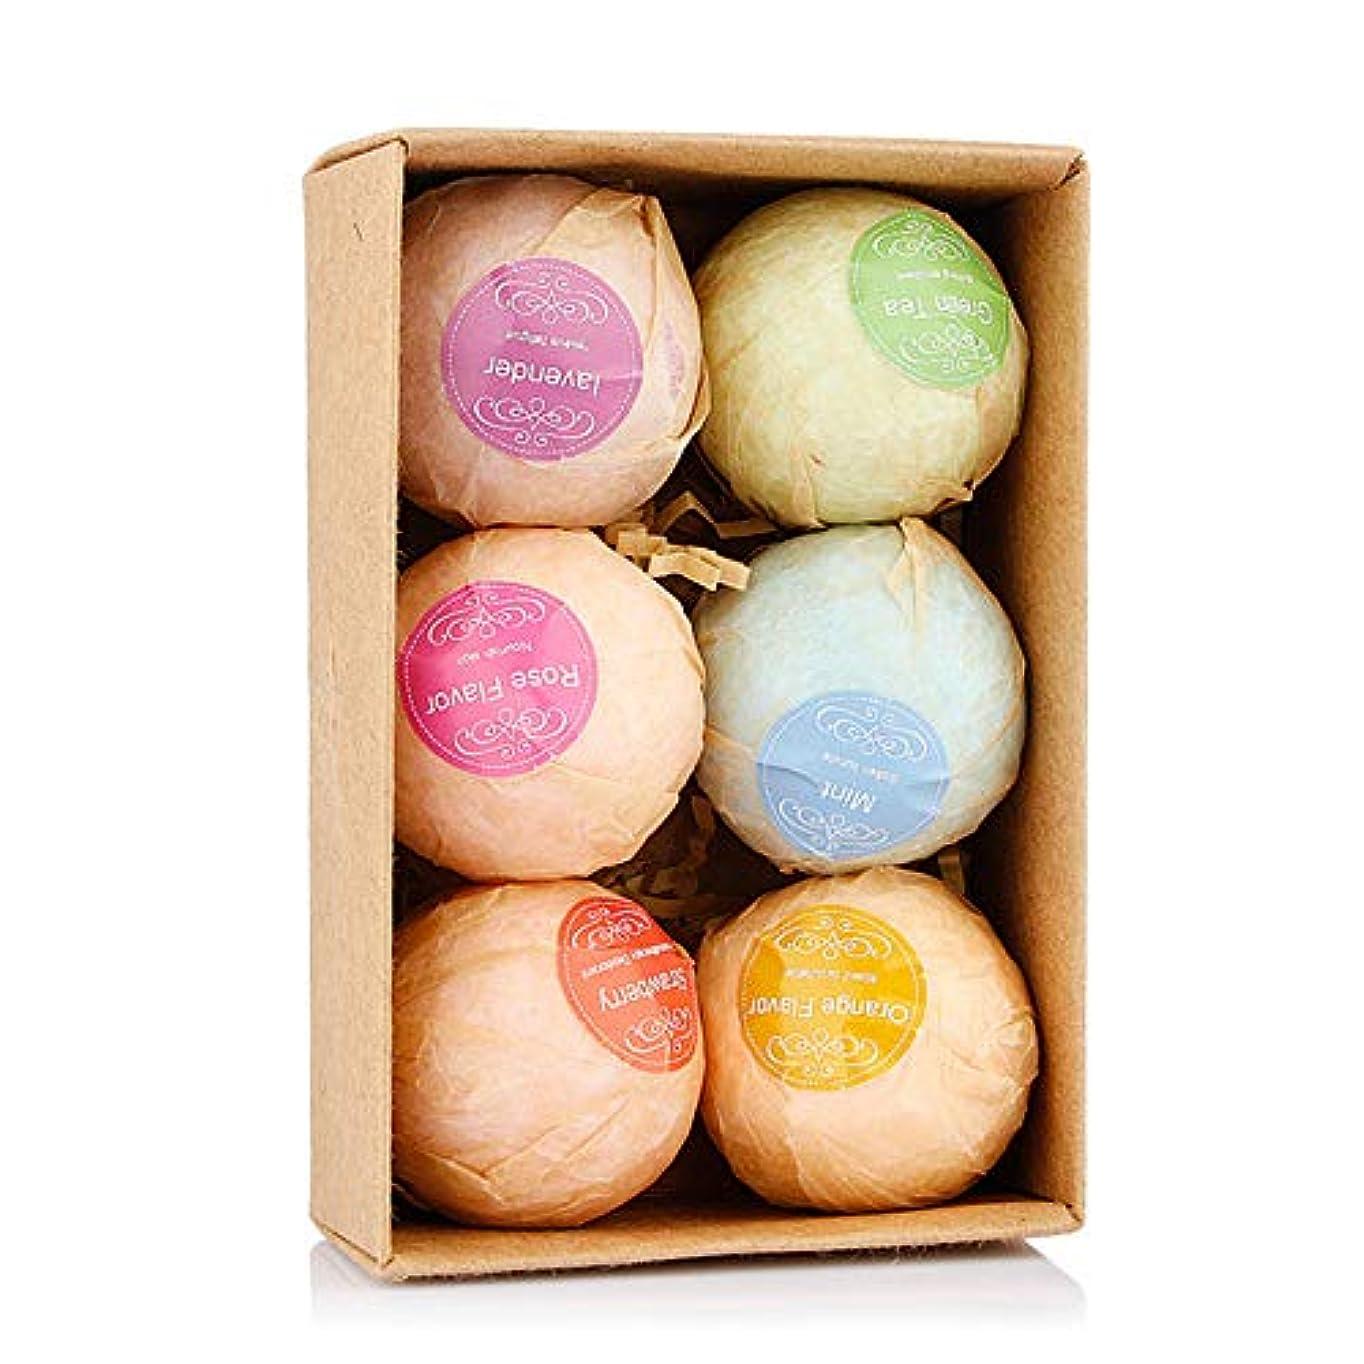 バスボム 入浴剤 炭酸 バスボール 6つの香り 手作り 入浴料 うるおいプラス お風呂用 入浴剤 ギフトセット6枚 プレゼント最適